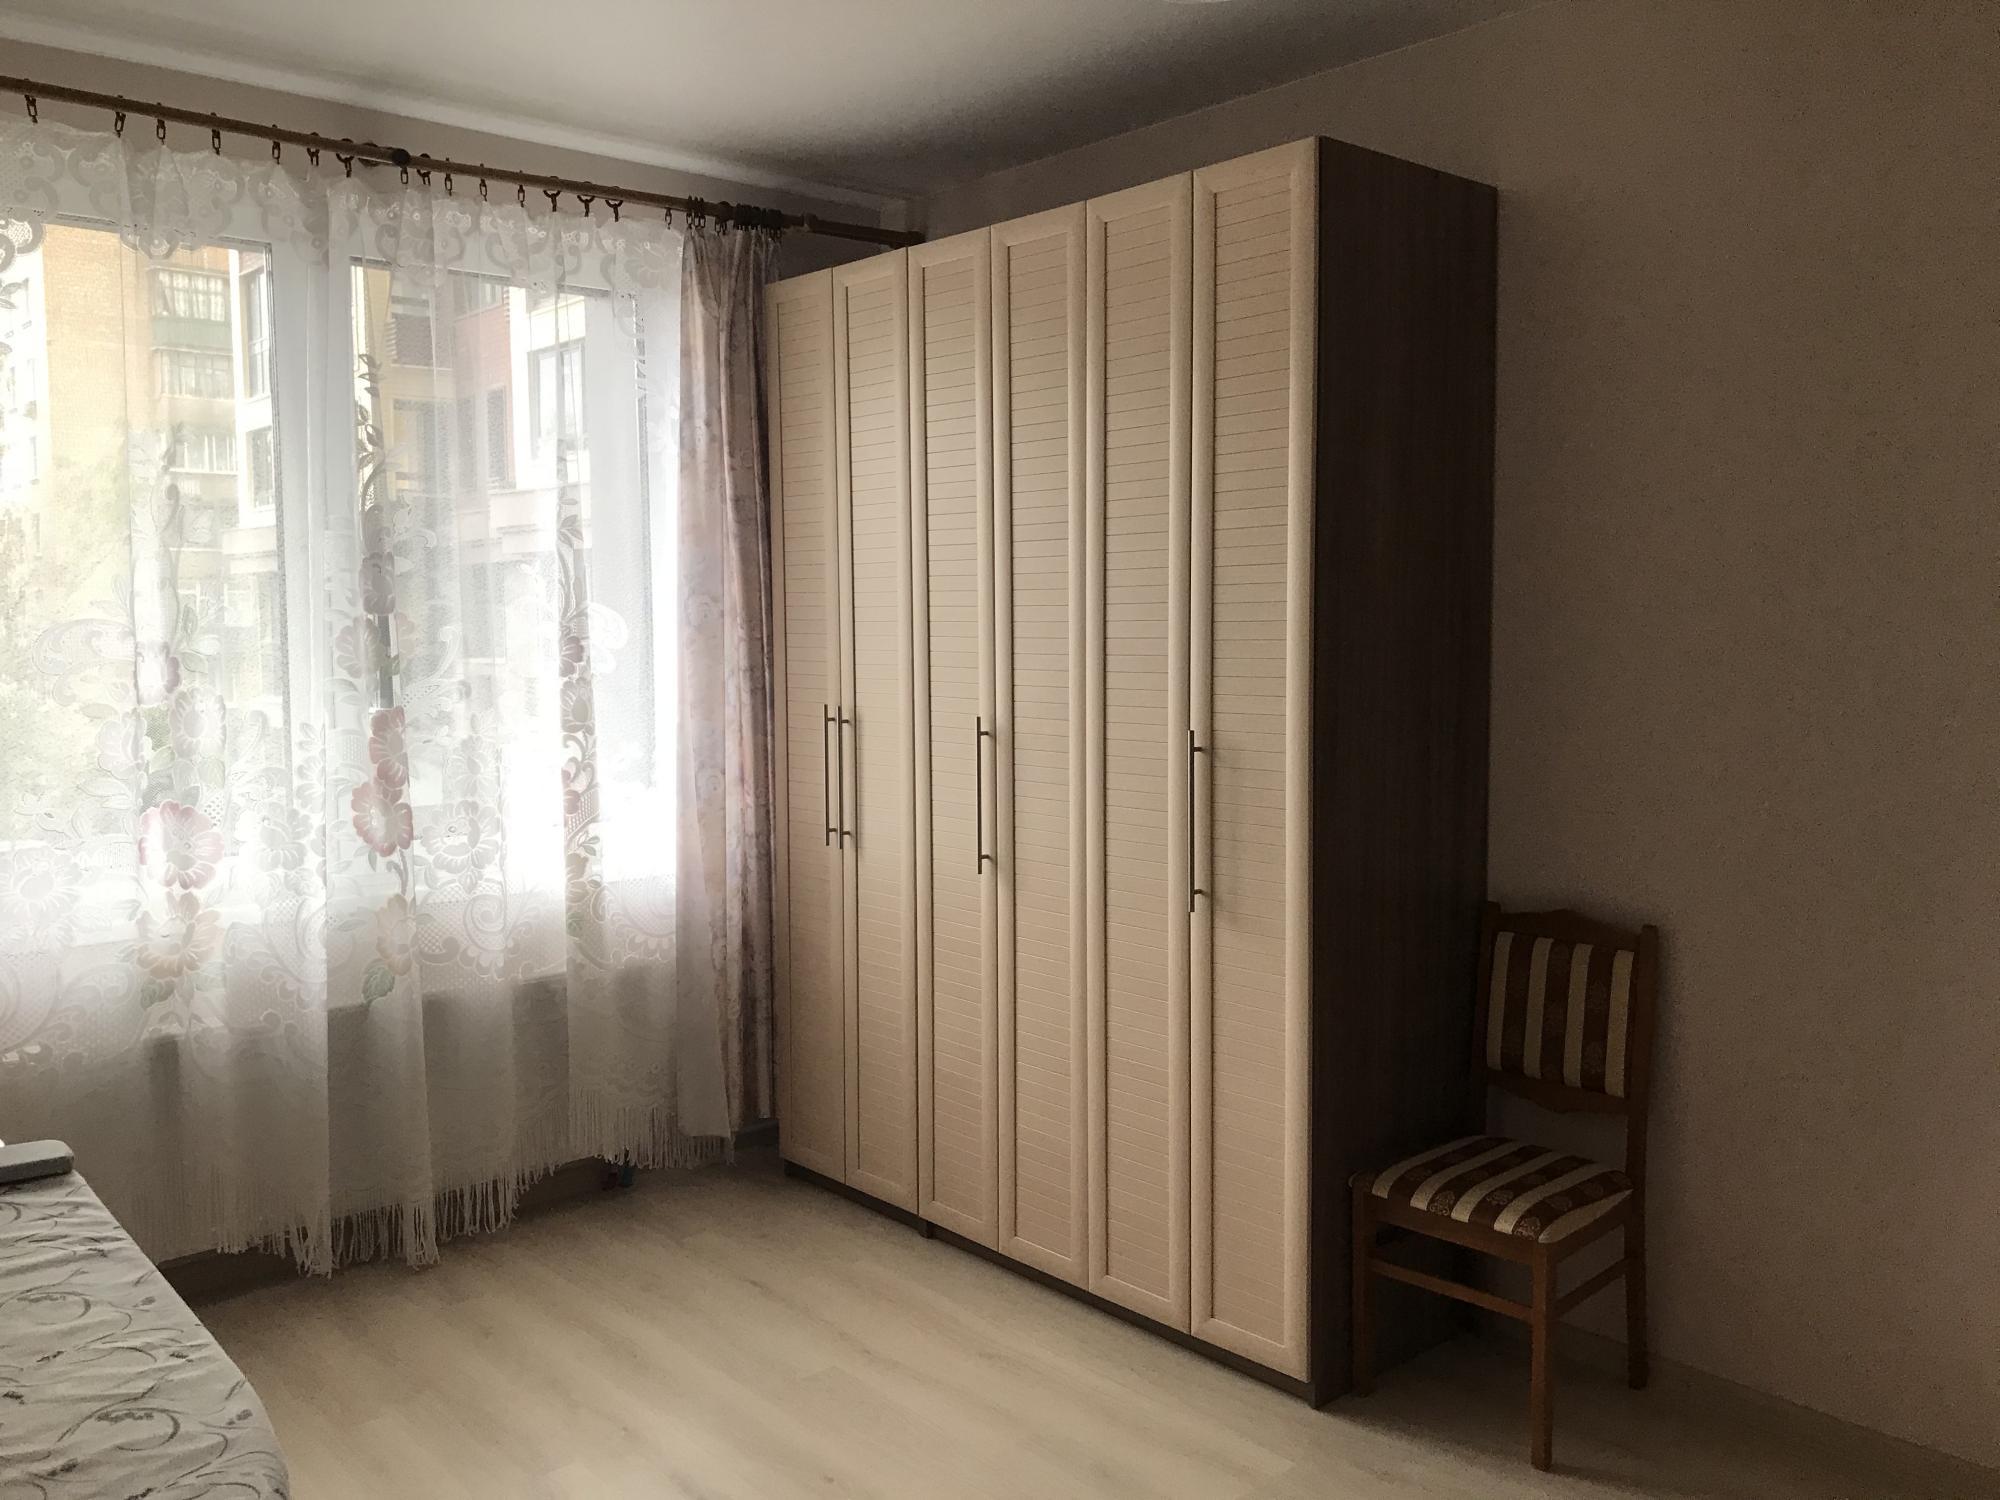 Квартира, 1 комната, 33.5 м² в Москве 89032804708 купить 1